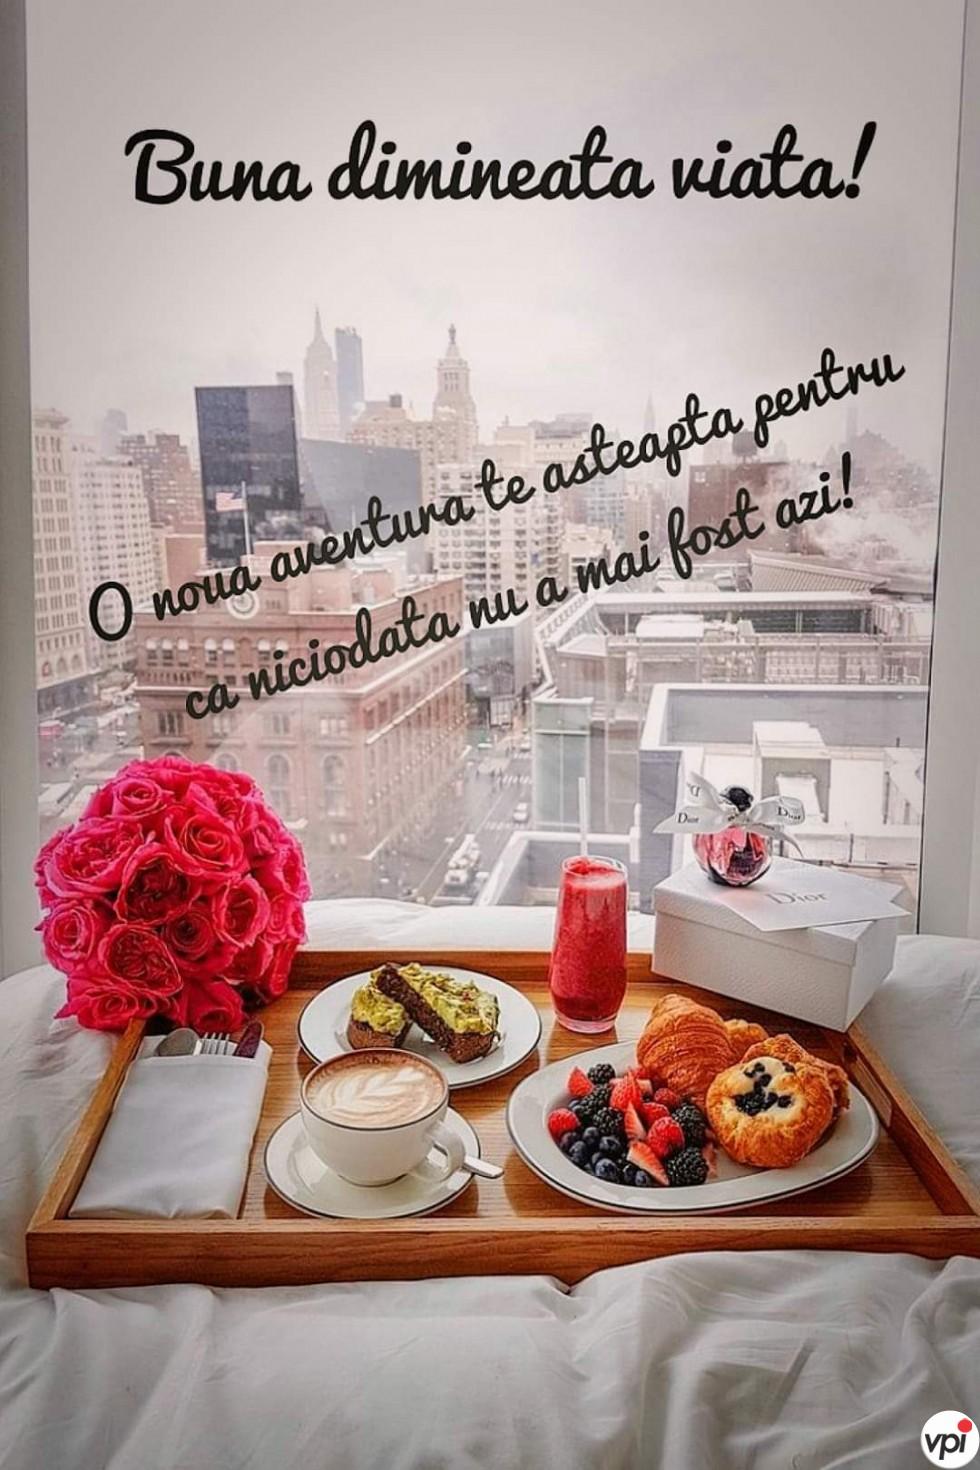 Bună dimineața viață!